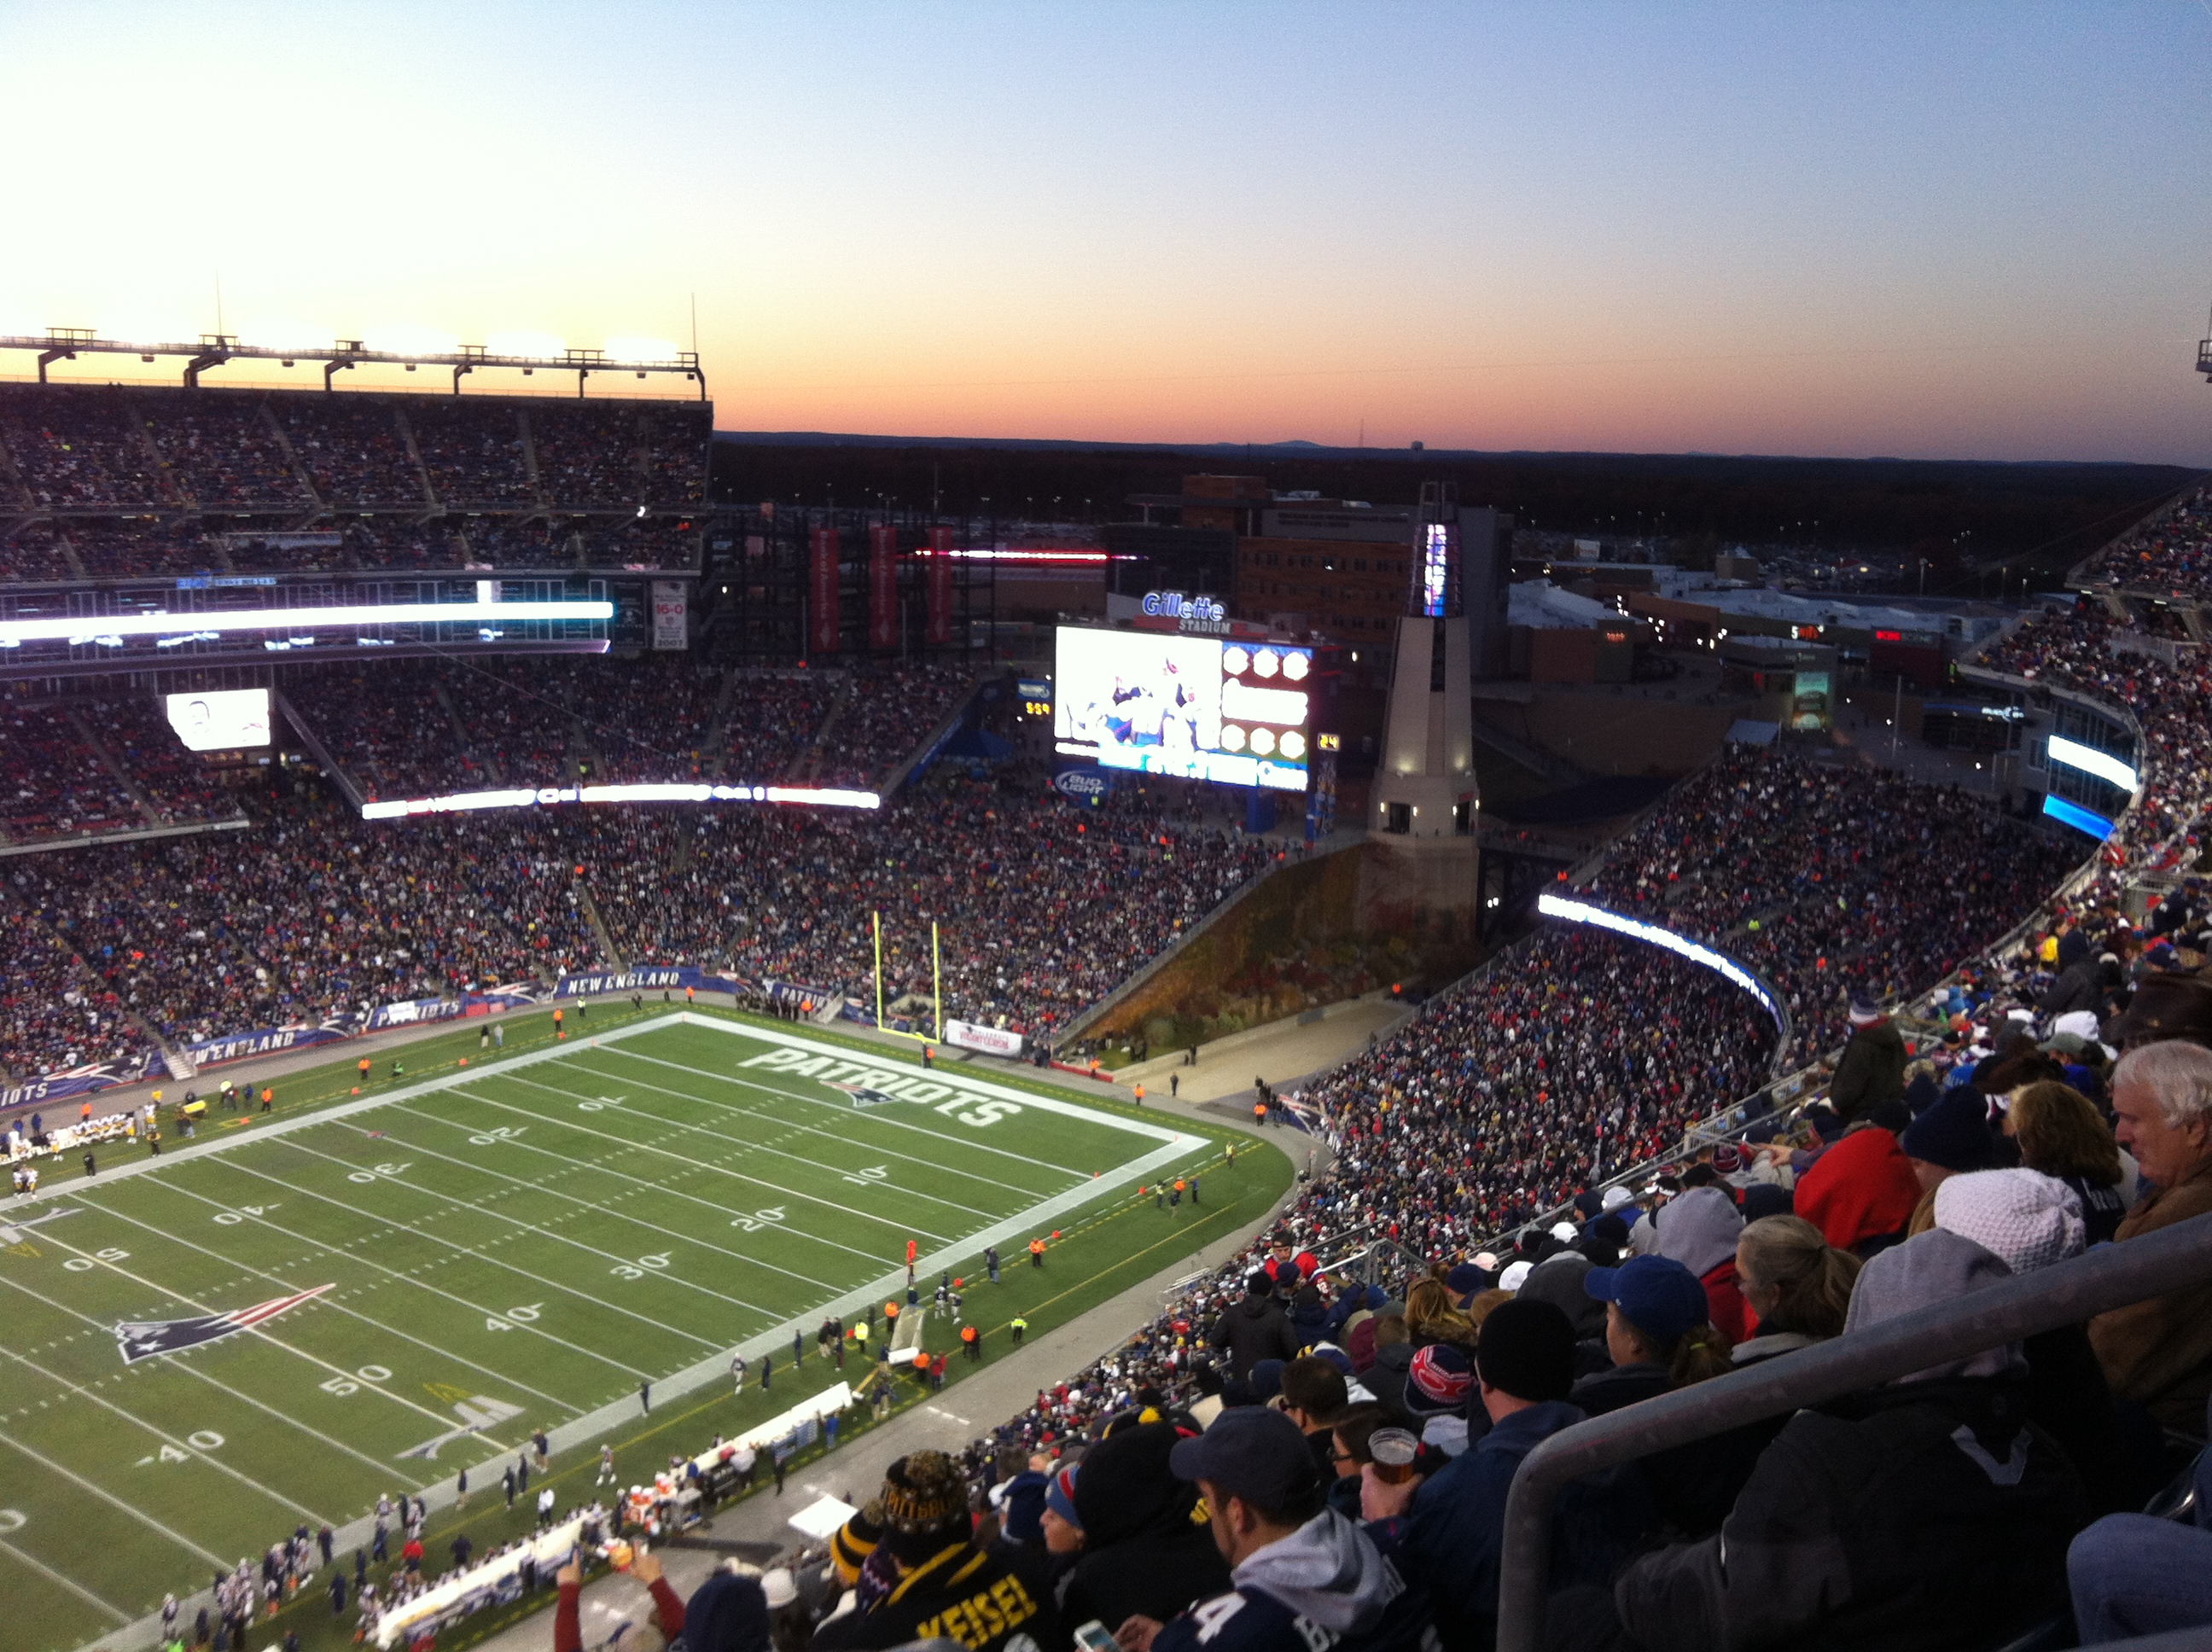 0612559b84 Um jogo da NFL no Gillette Stadium!